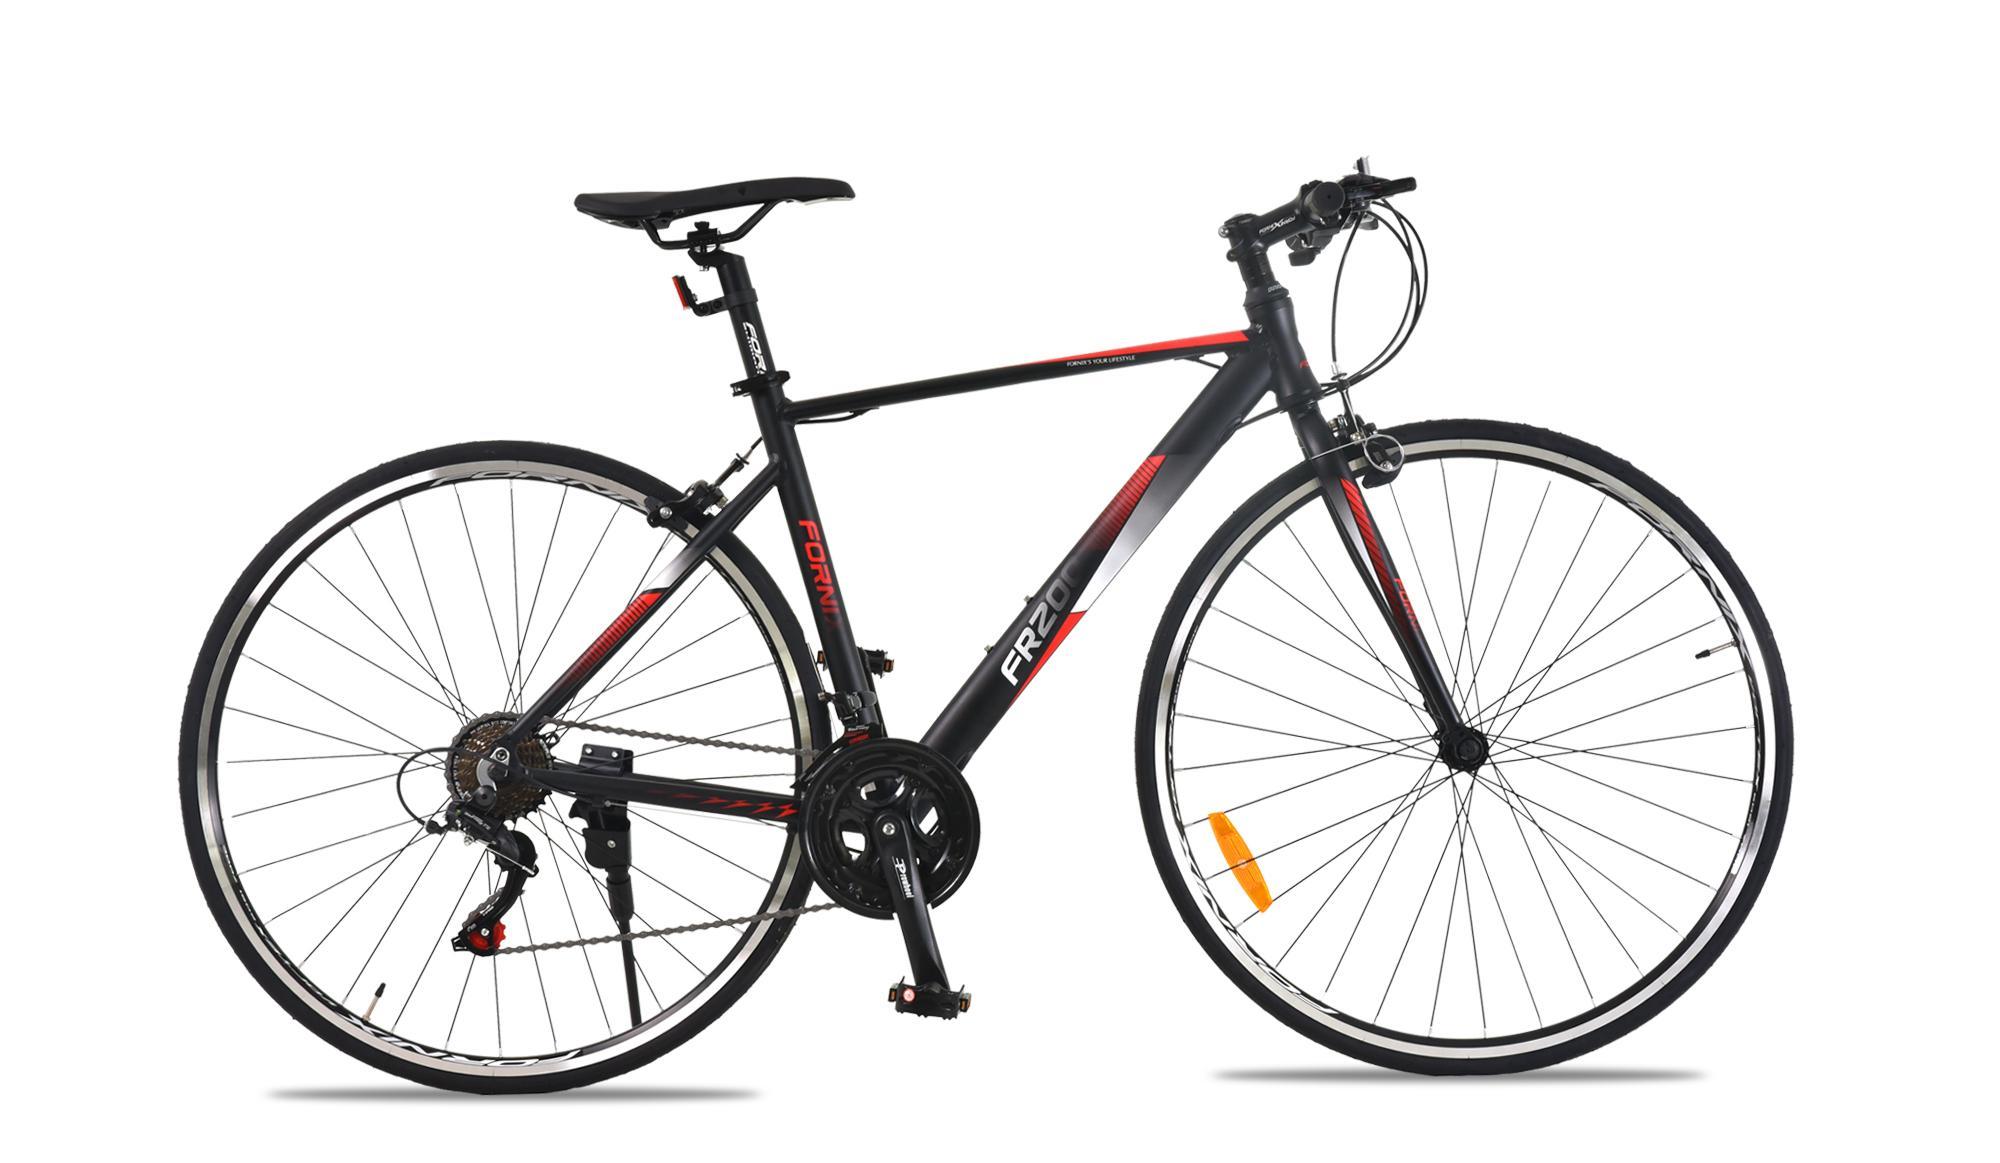 Mua Xe đạp thể thao FR200-Vòng bánh 700C- Bảo hành 12 tháng